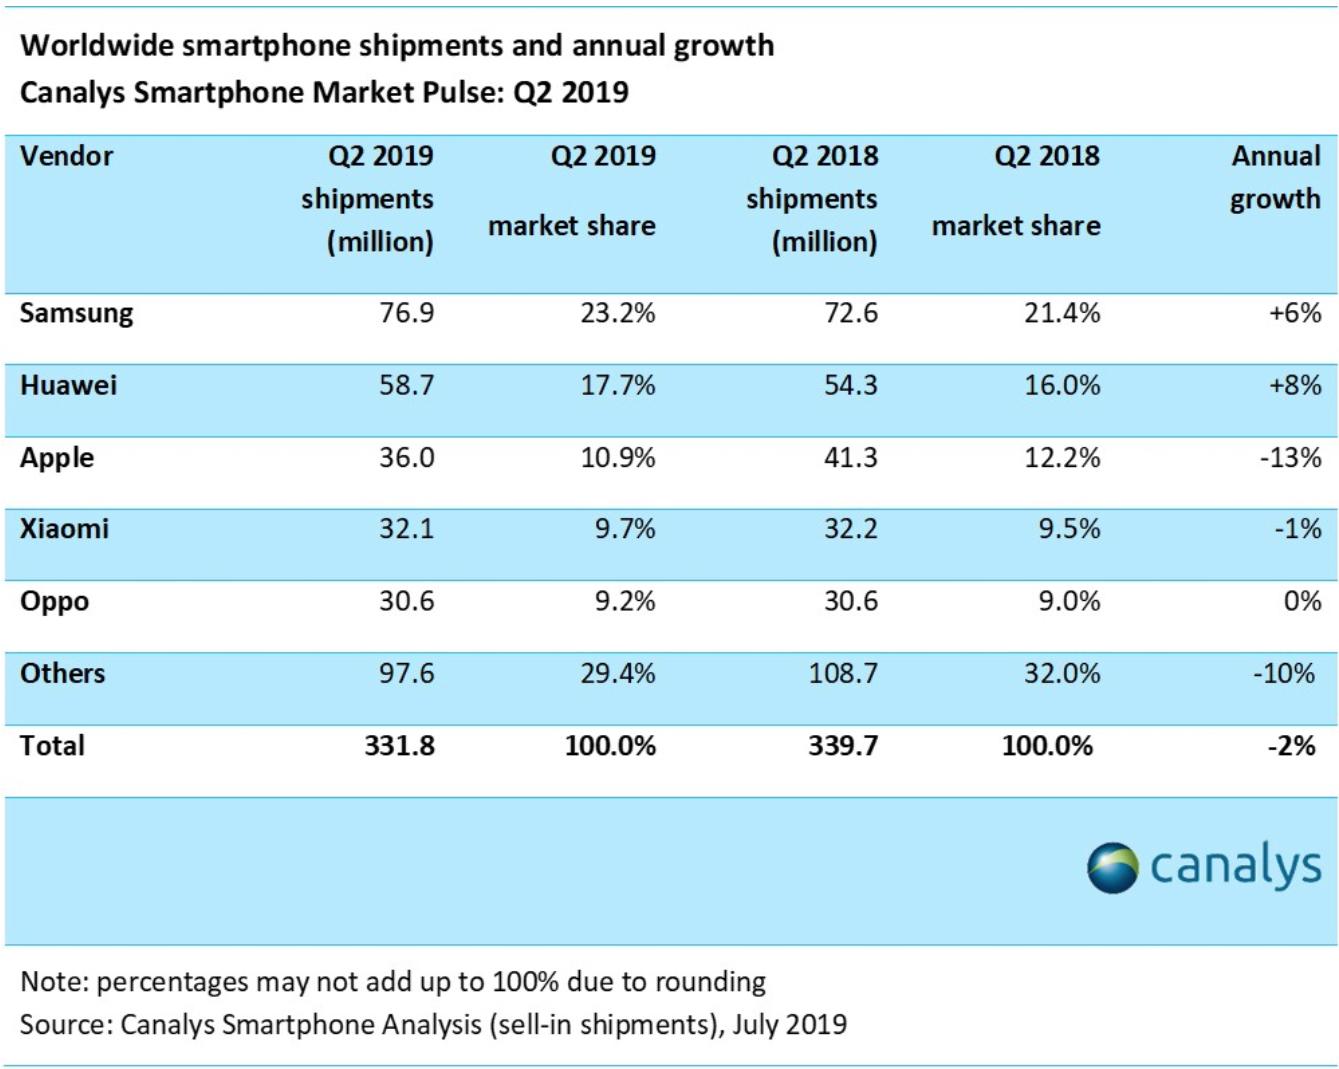 Vendas de smartphones pela Canalys